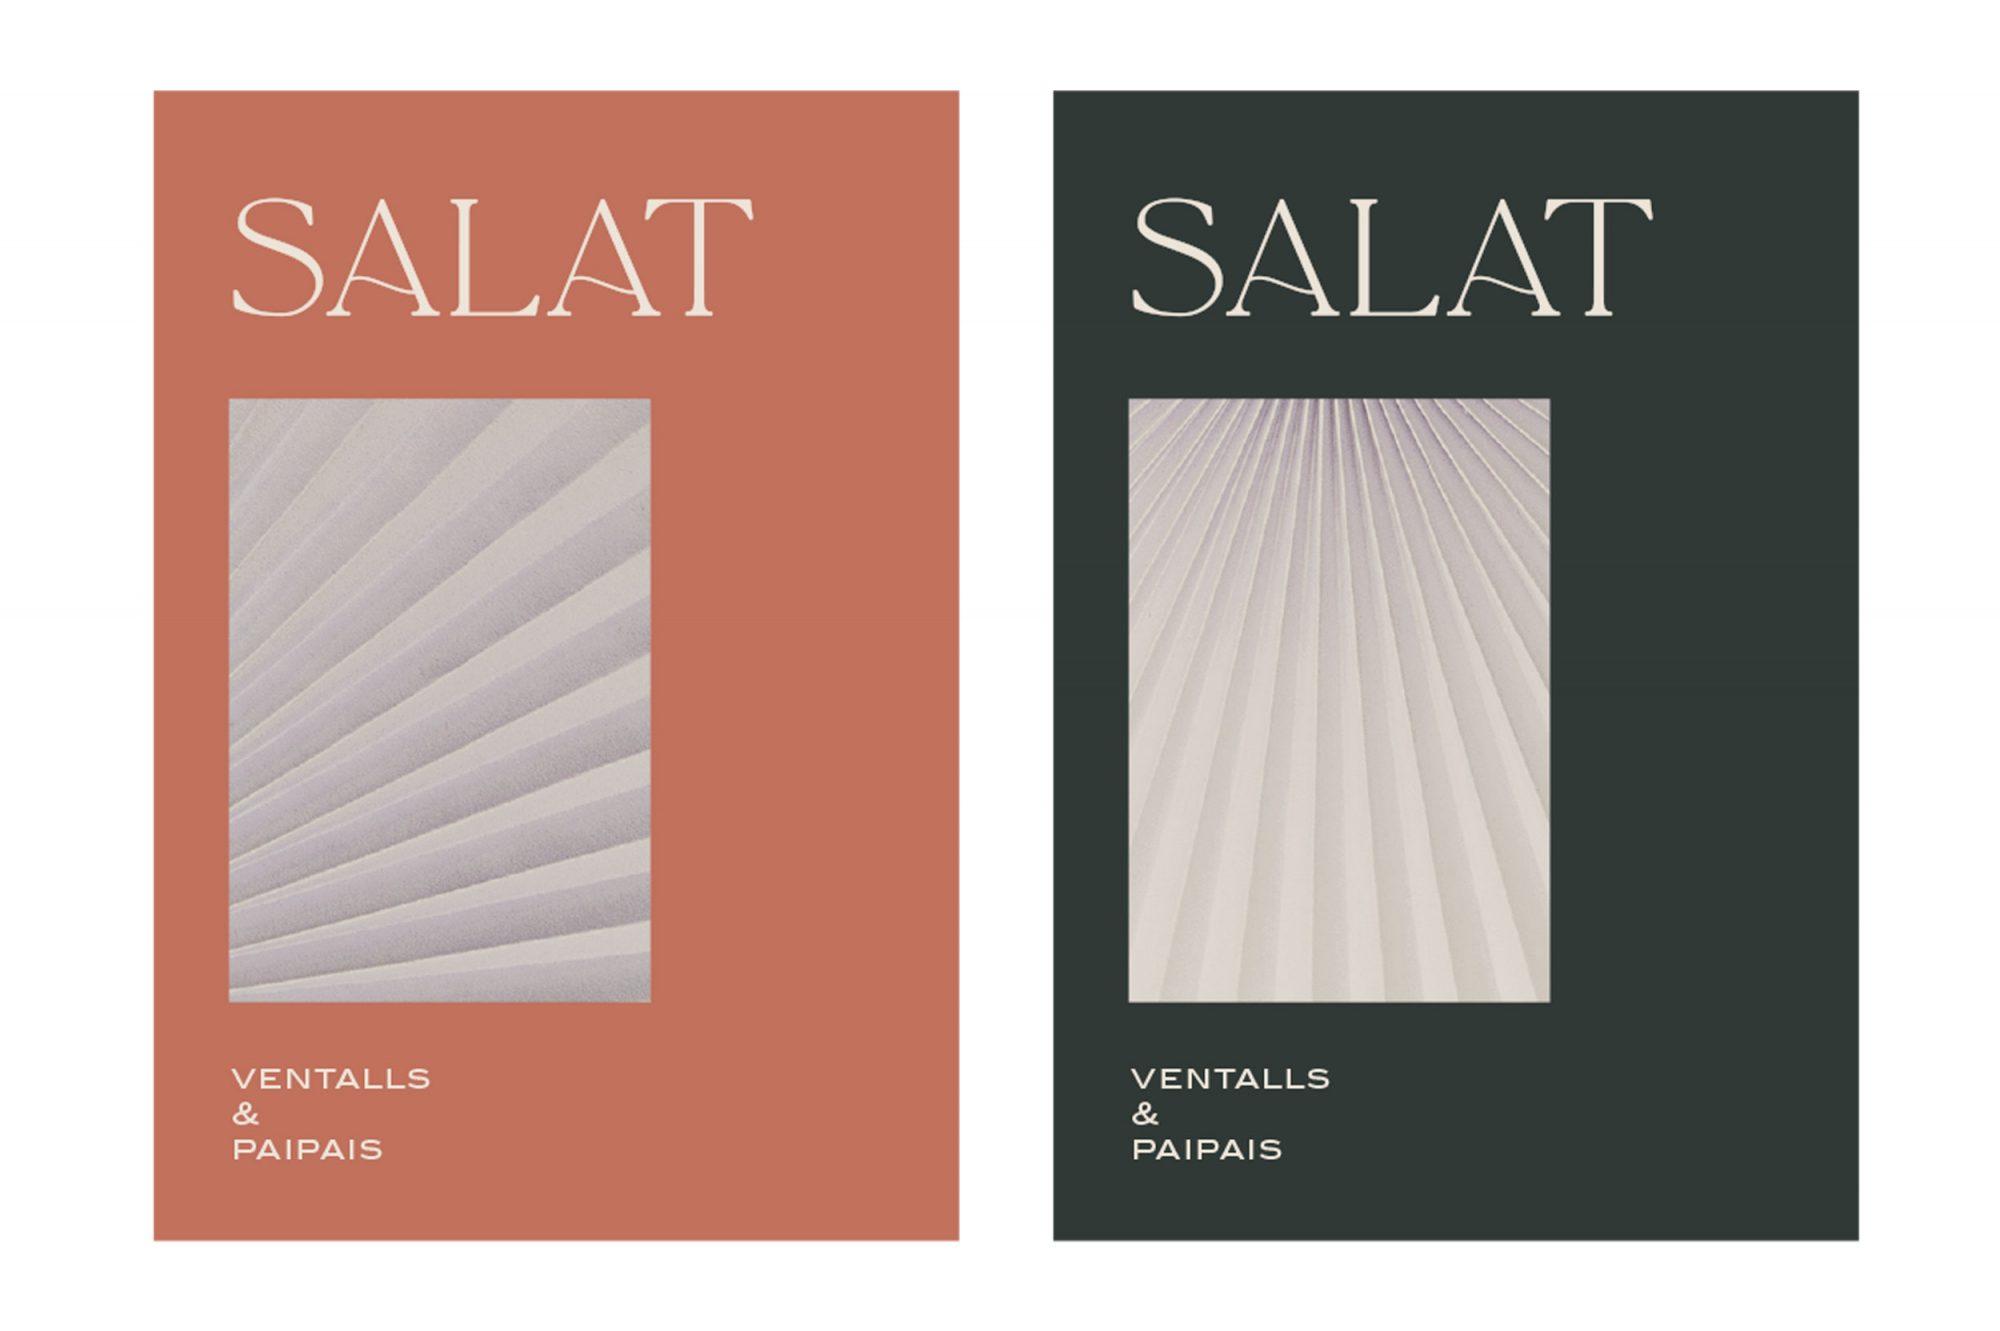 estelalcaraz_salat_05